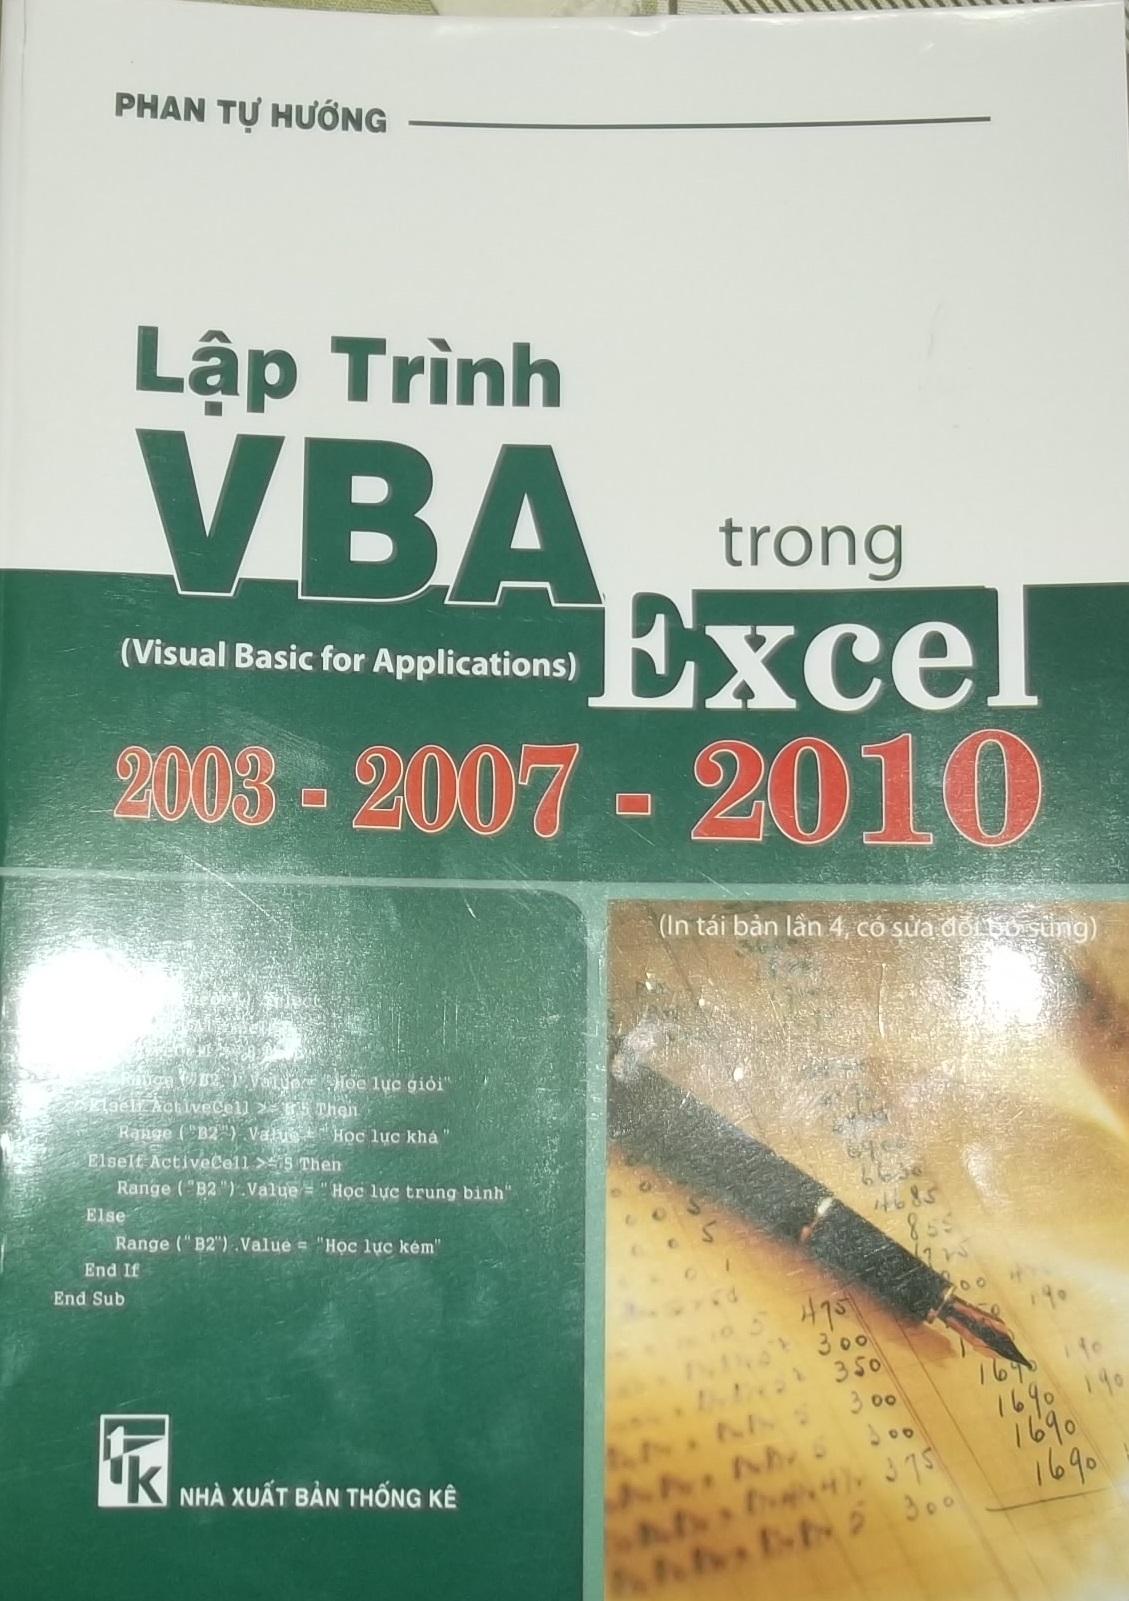 Lập trình VBA trong excel - Phan Tự Hướng